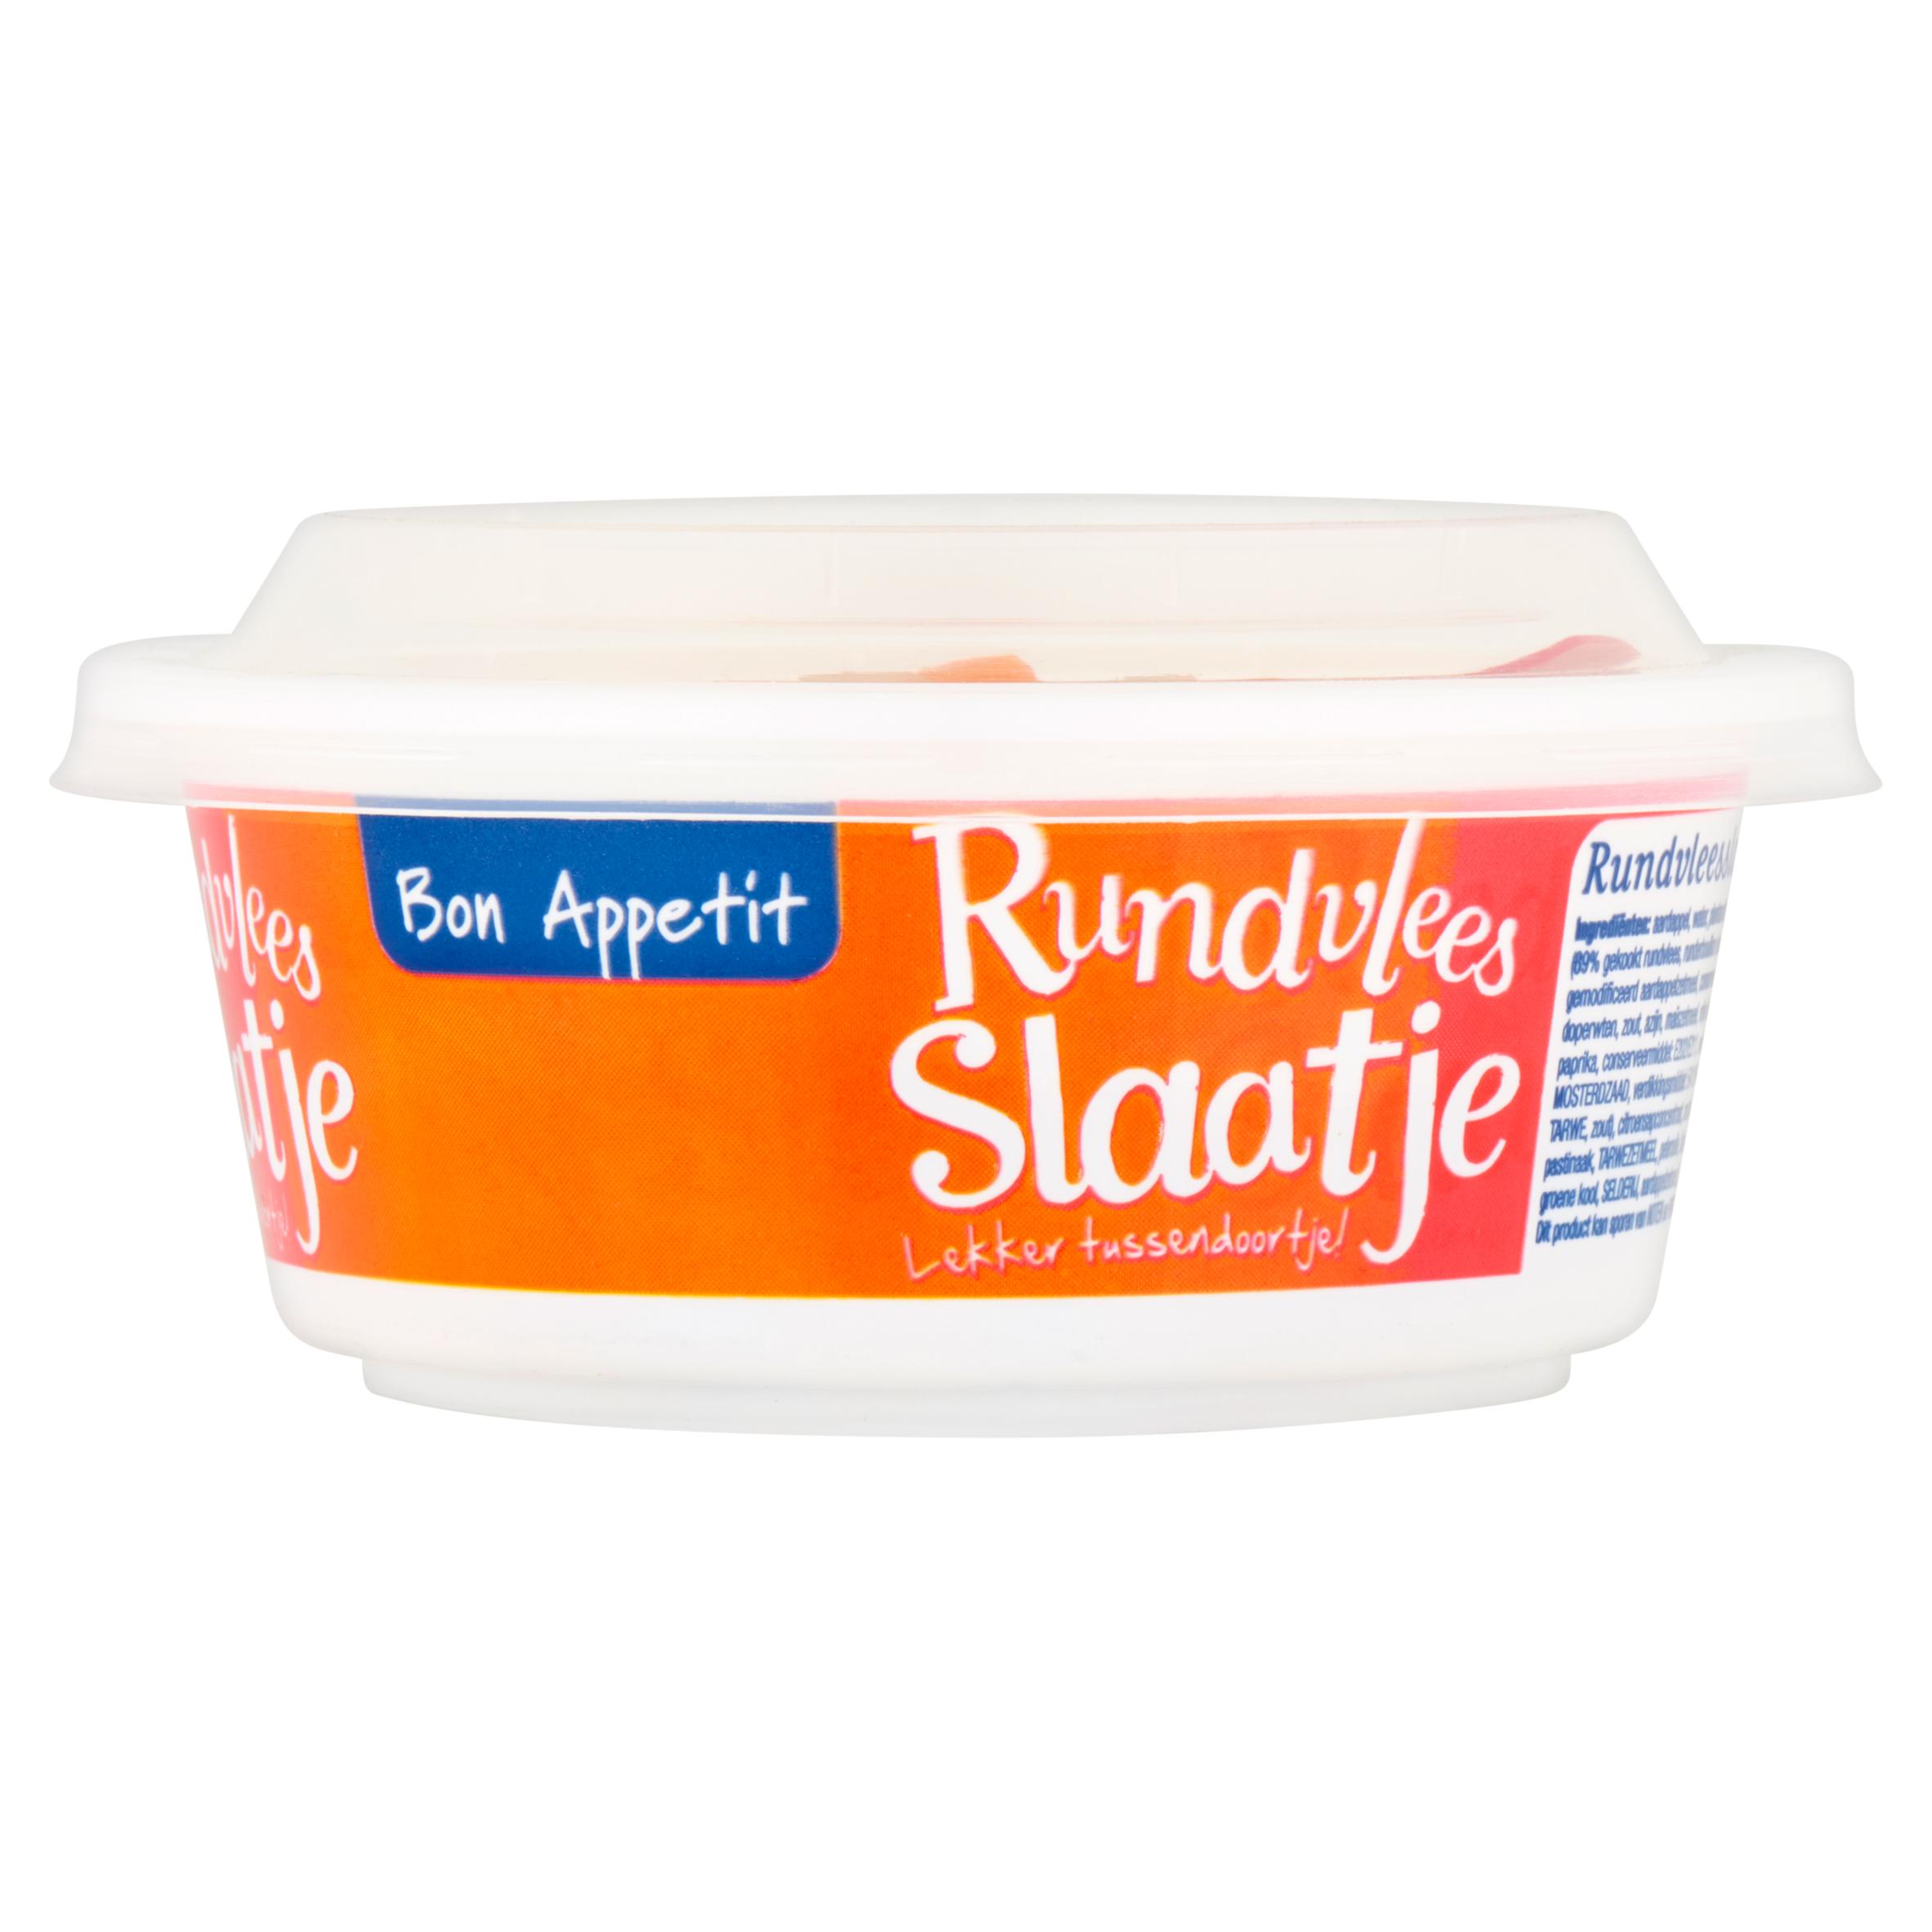 Bon Appetit Rundvlees Slaatje 150 g